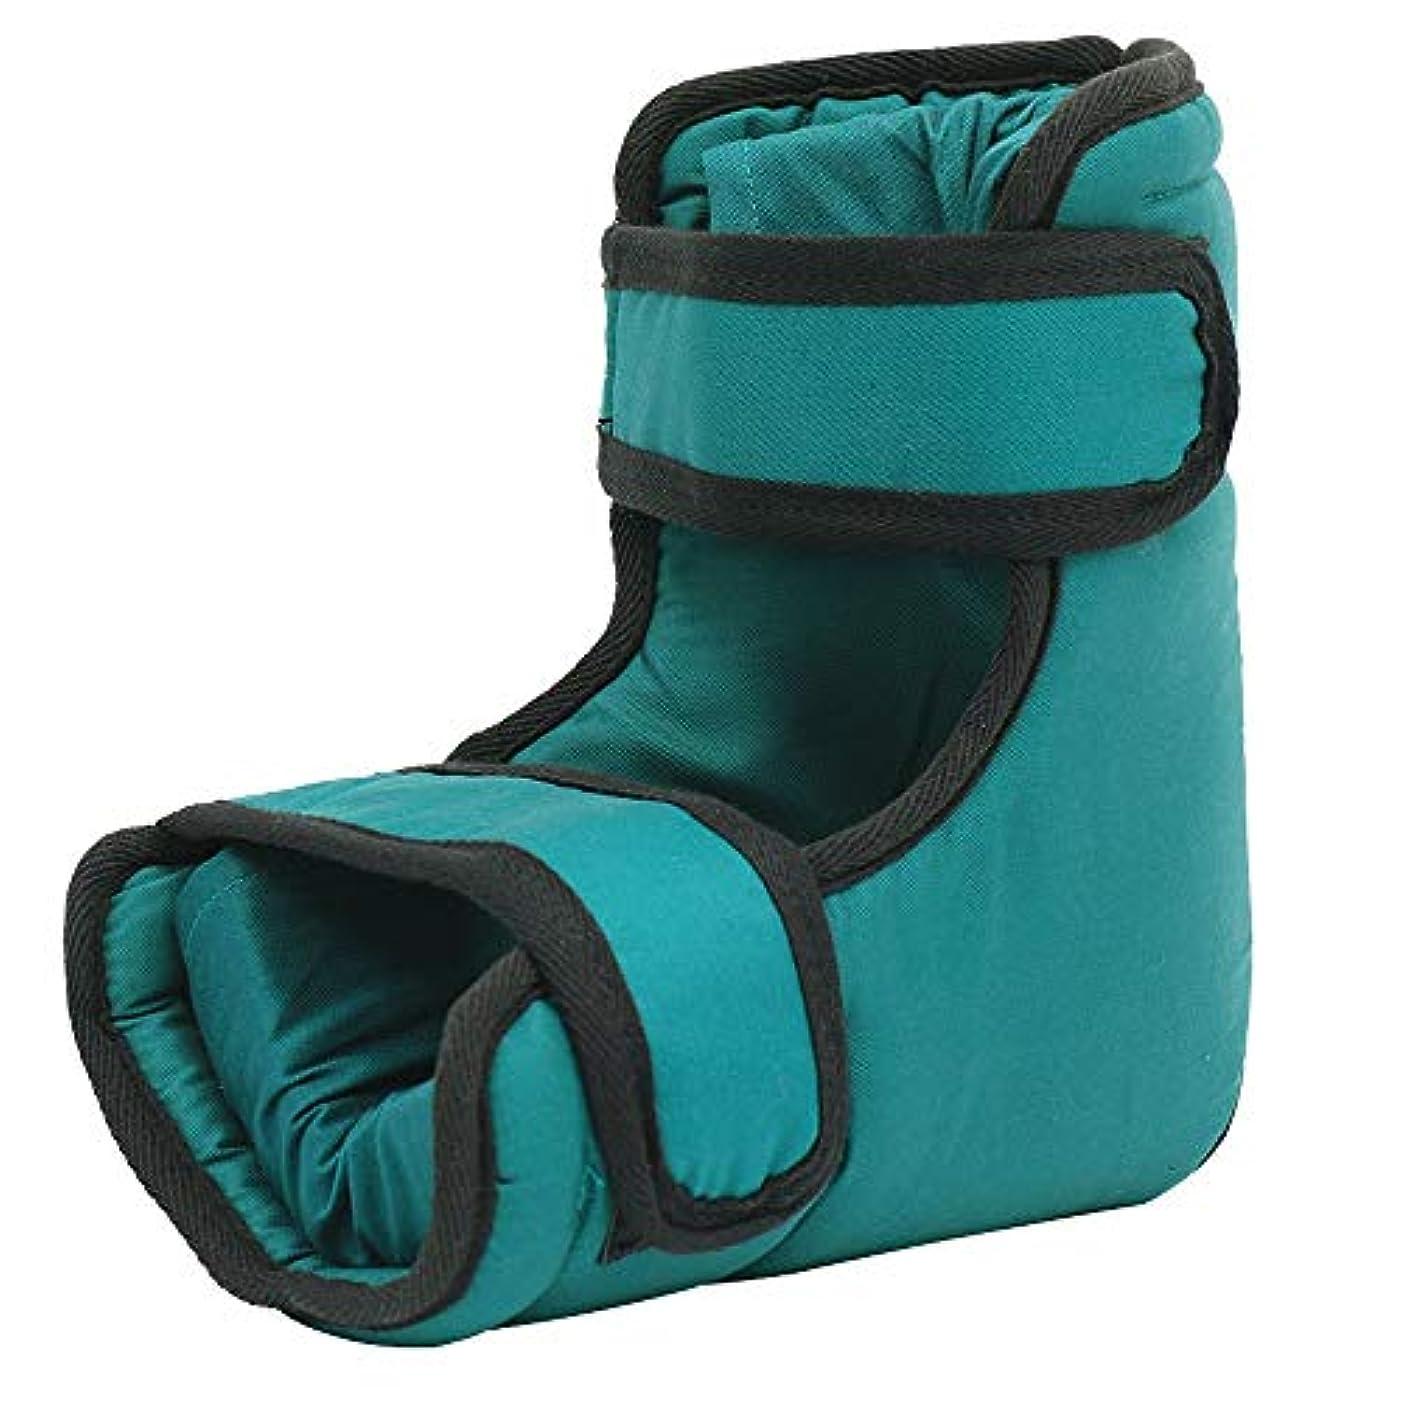 TONGSH かかとの枕、かかとのブーツ、足底筋膜炎、アキレス腱炎、かかとの拍車、かかとプロテクターの靴、荷を下すかかとと足首のプロテクター